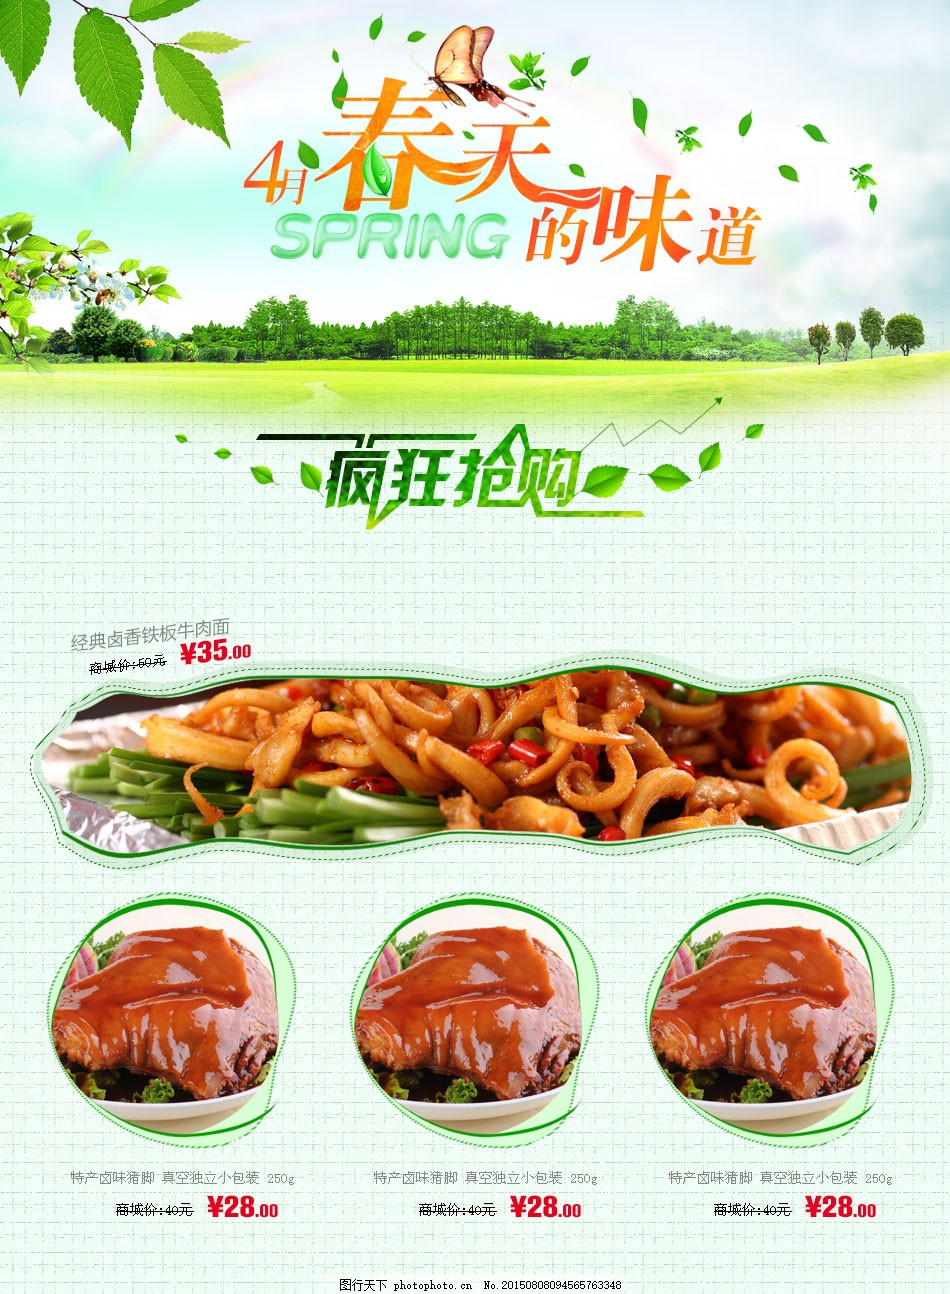 熟食产品店铺详情页模板海报 首页海报 活动疯抢海报 模板展示海报